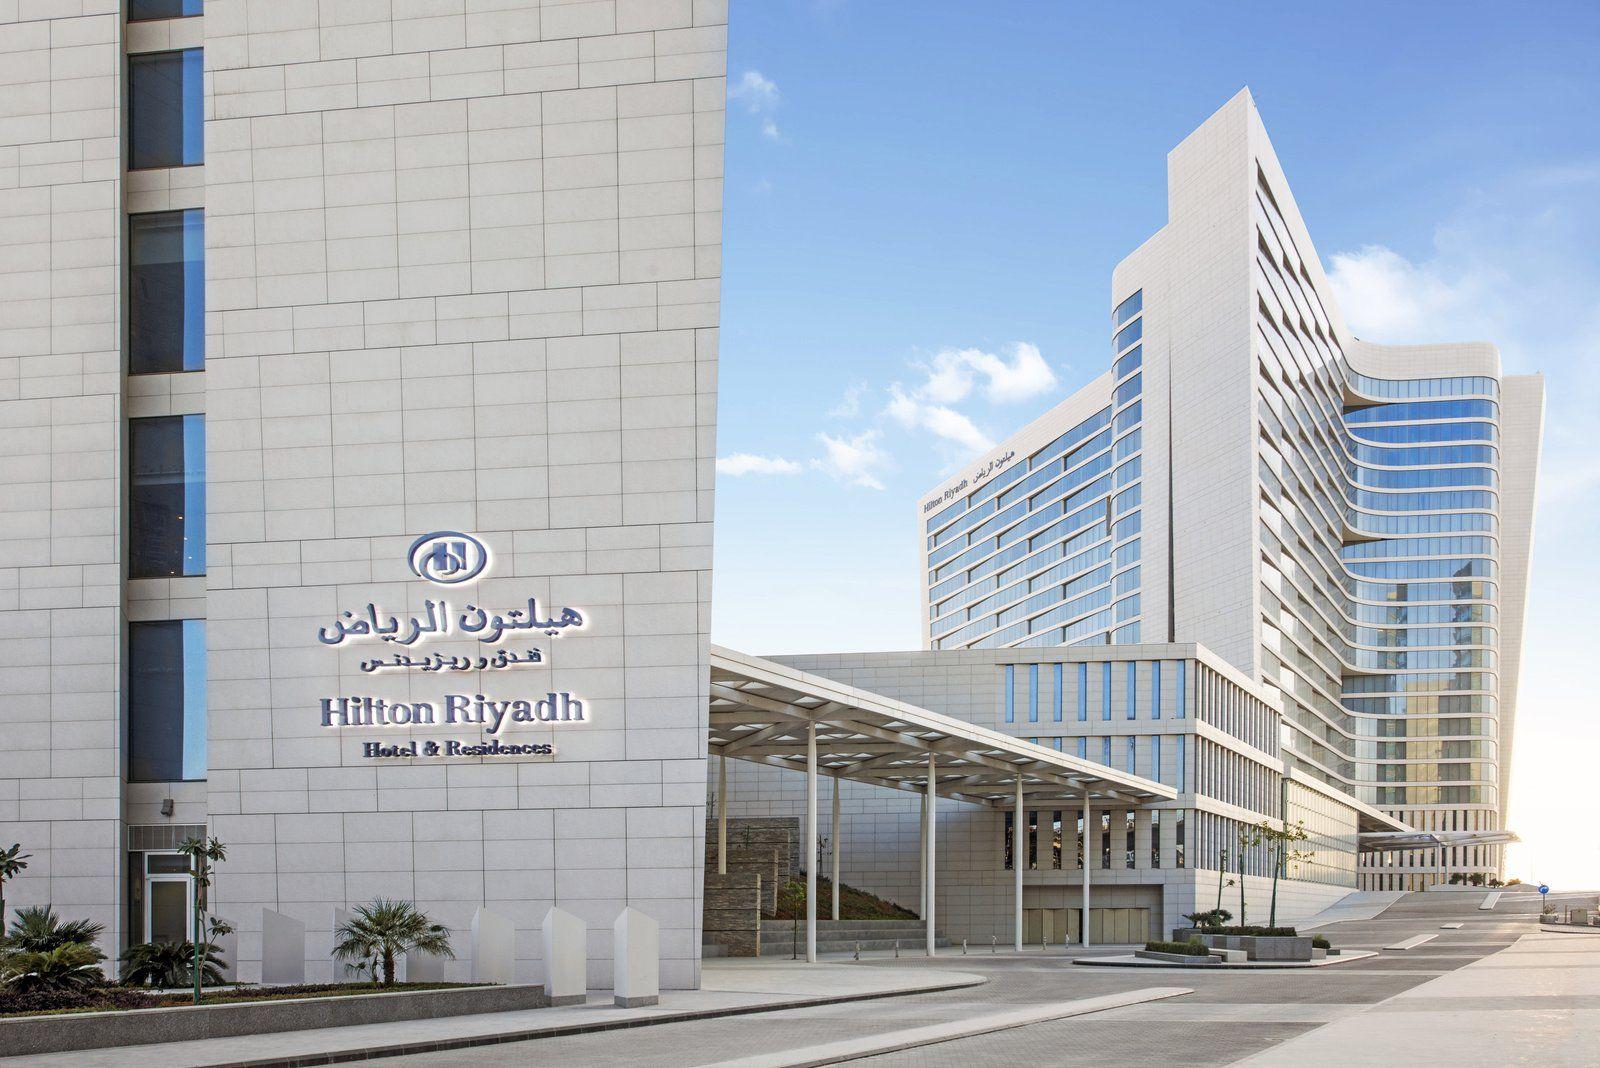 Hilton Riyadh Hotel Residences Hotel Hotel Facade Hilton